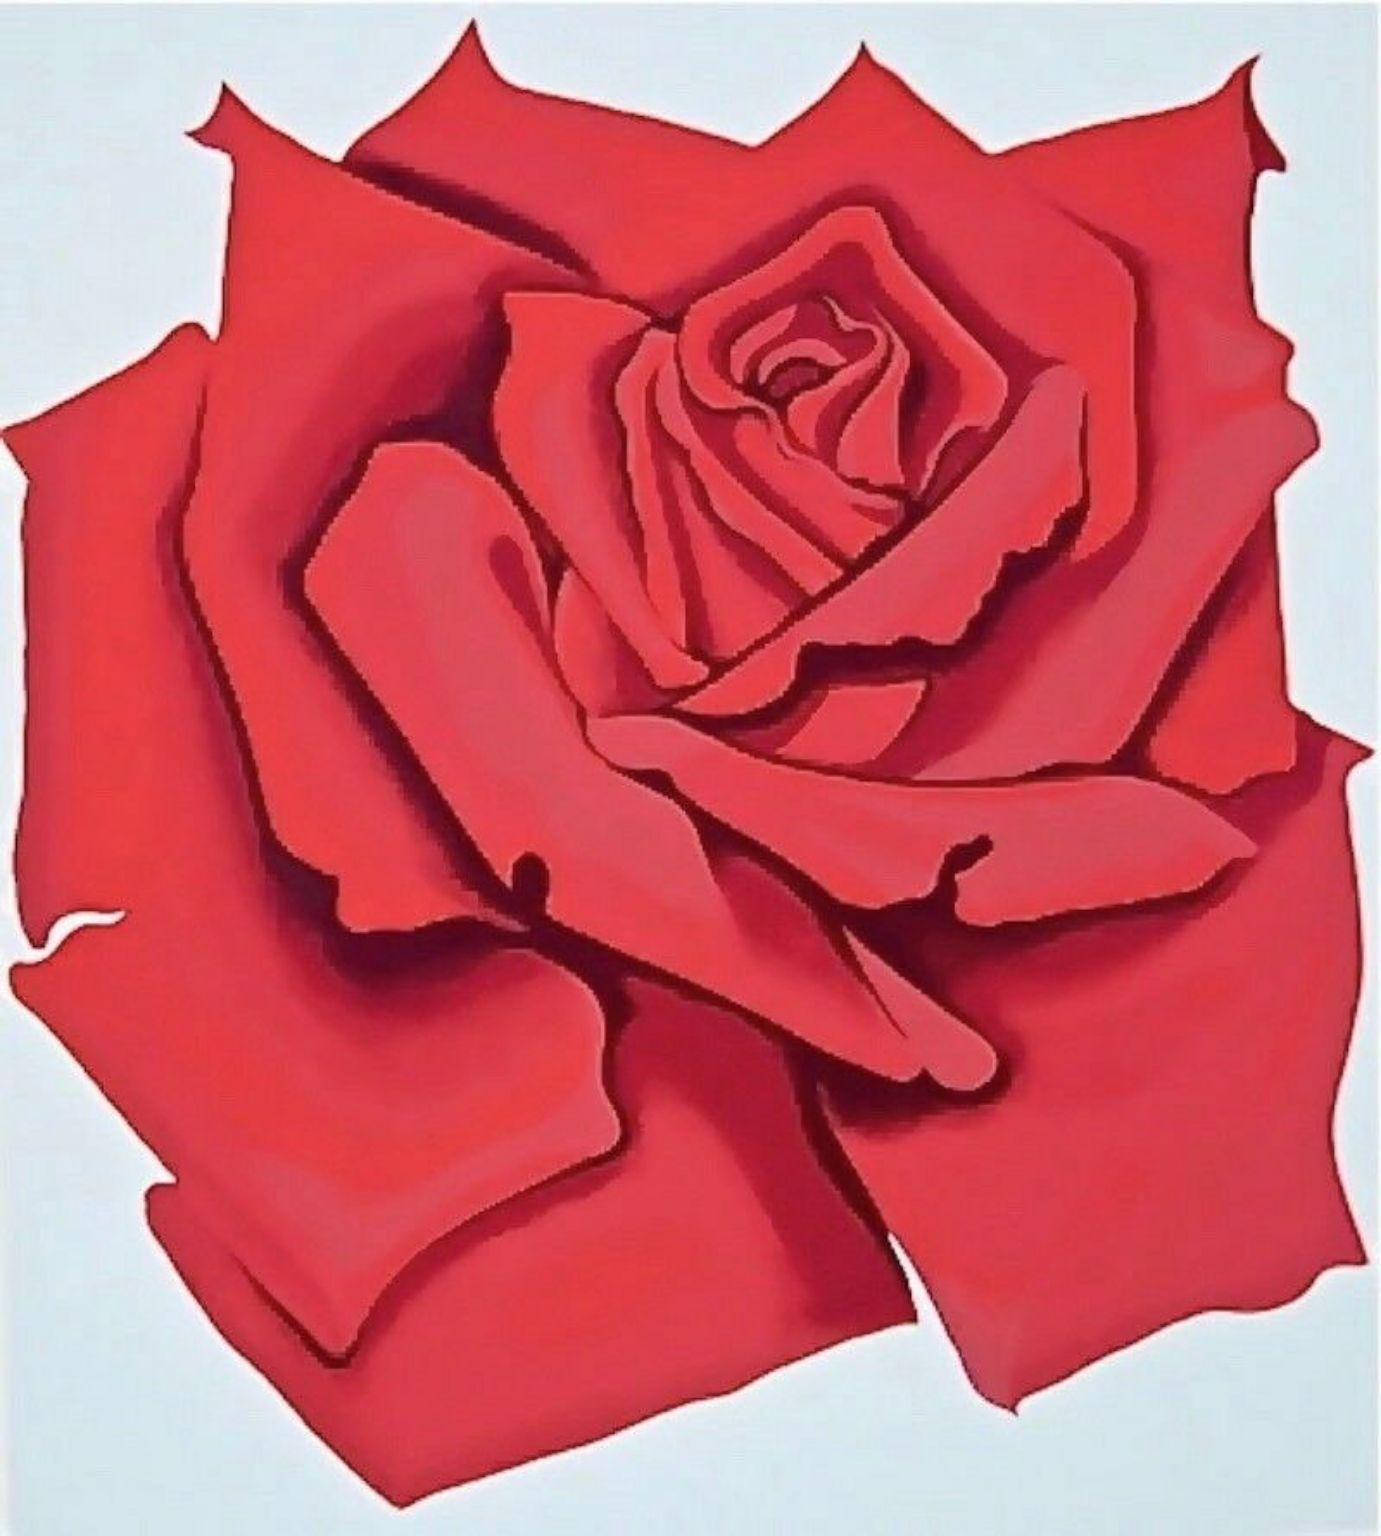 Red Rose, Limited Edition Silkscreen, Lowell Nesbitt